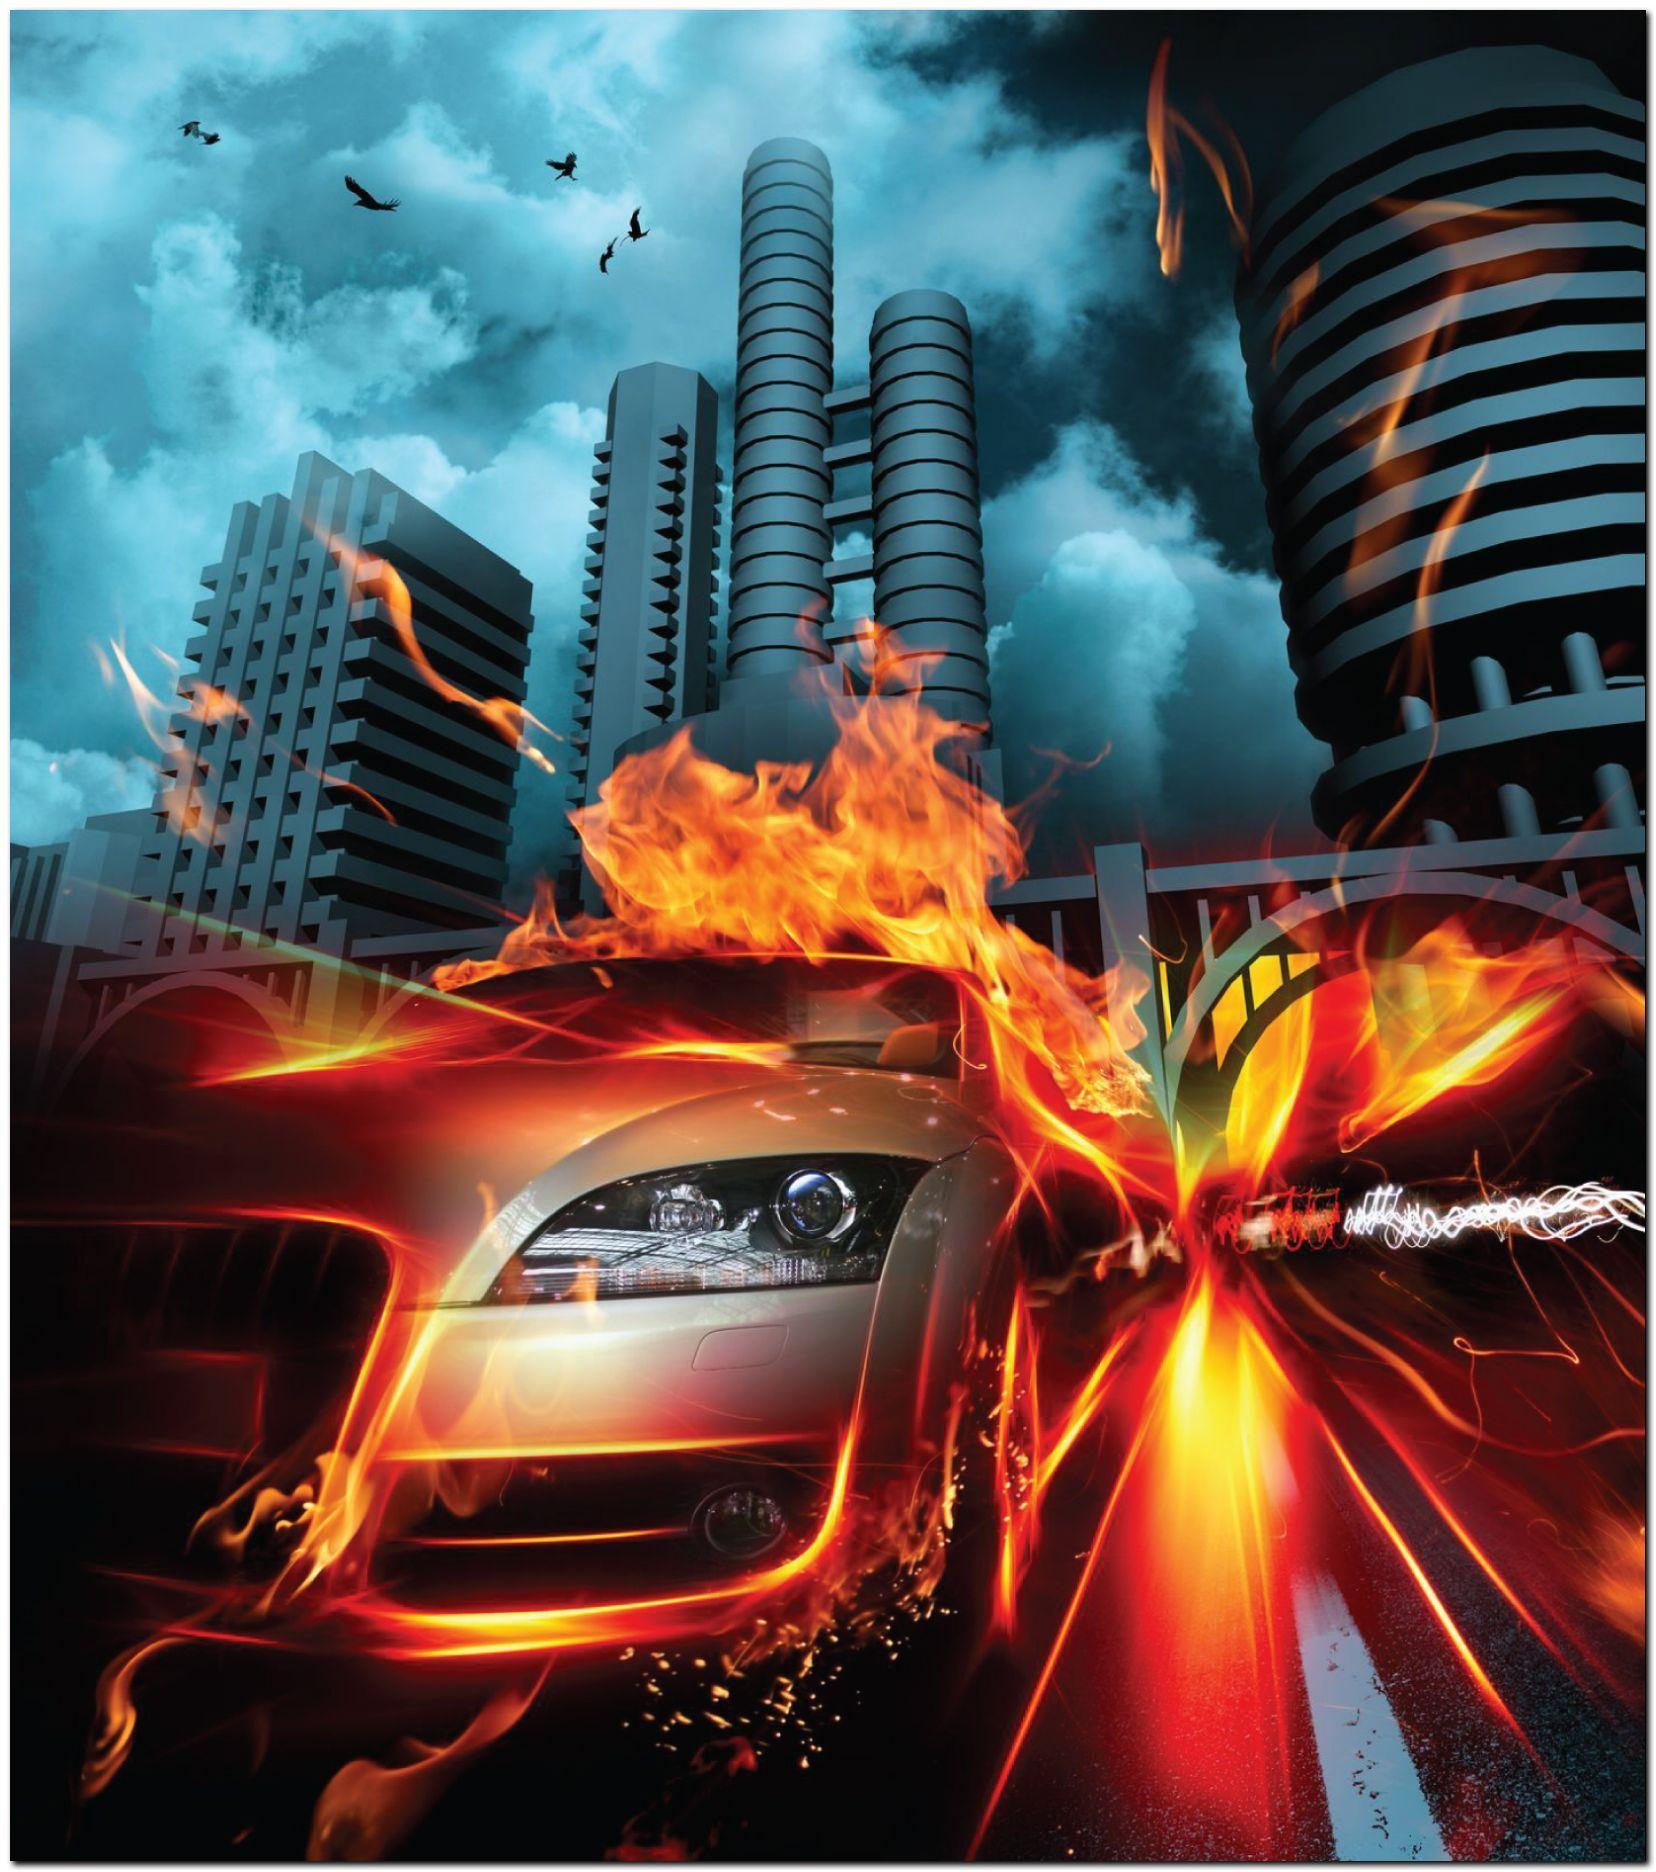 Fridge Fire Speed 2 Fire art,